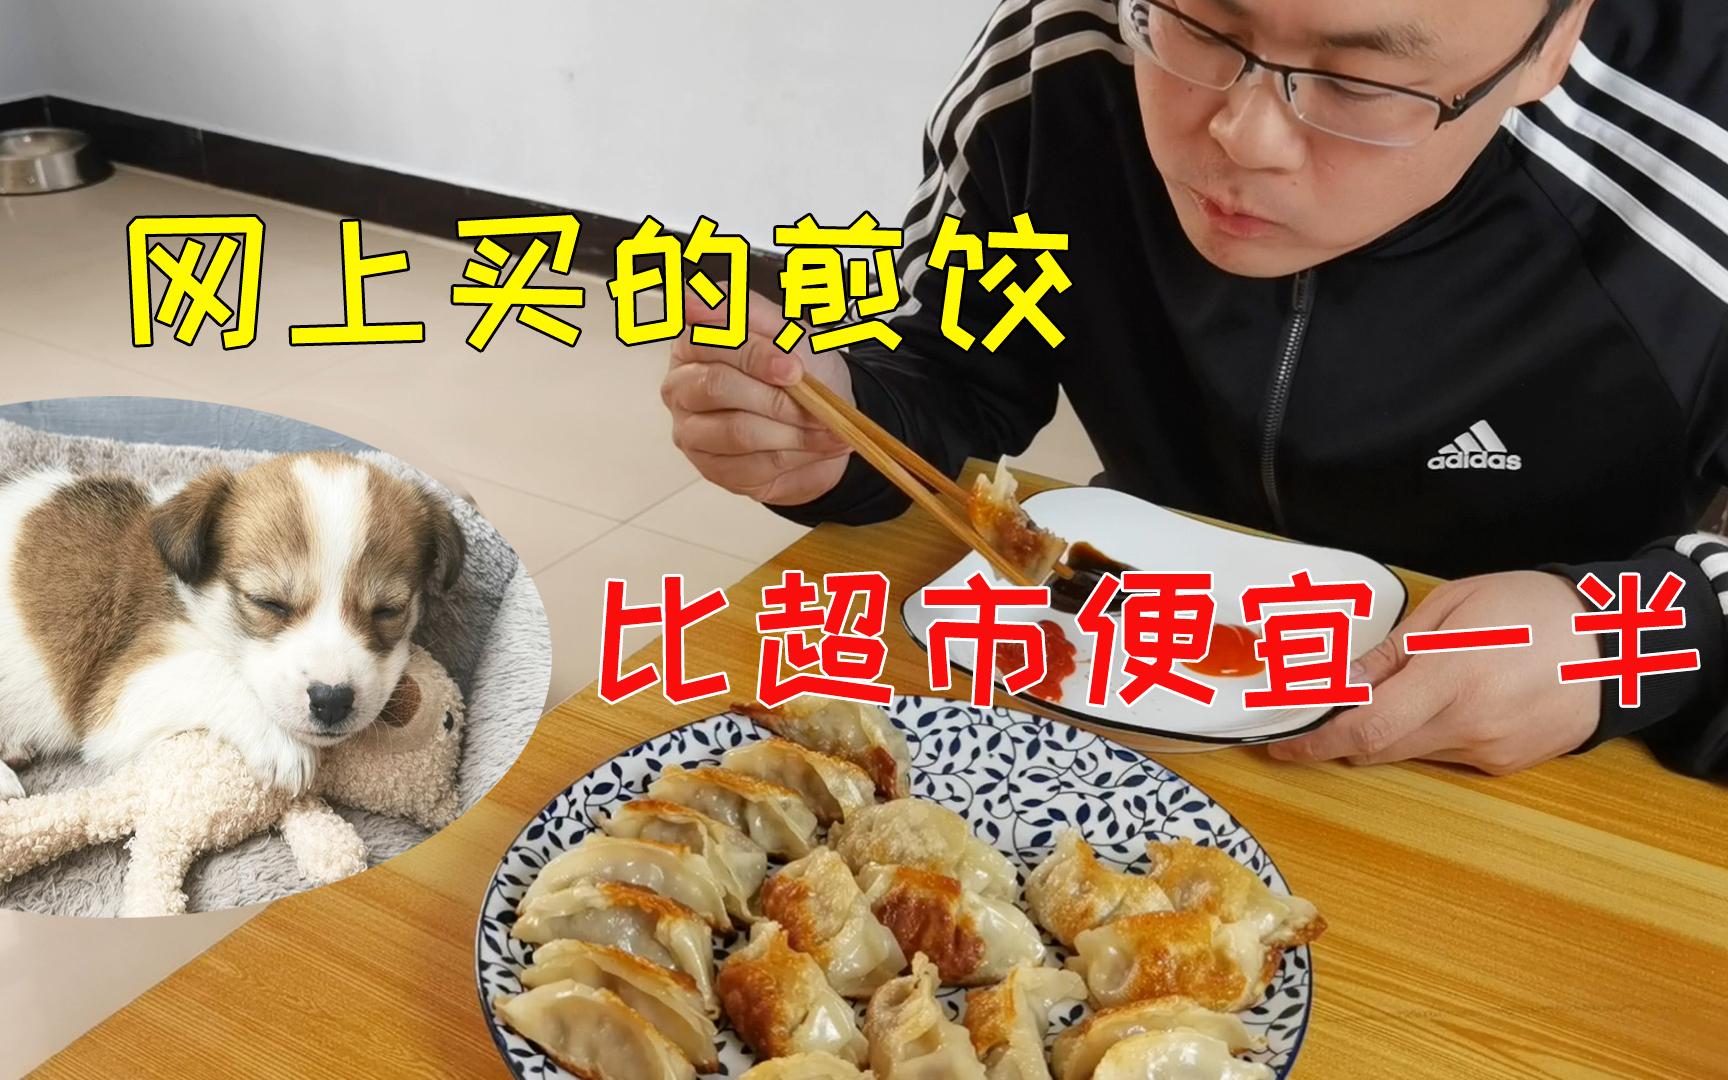 开箱网上买的煎饺 跟超市卖的一样 价格便宜一半 味道不错